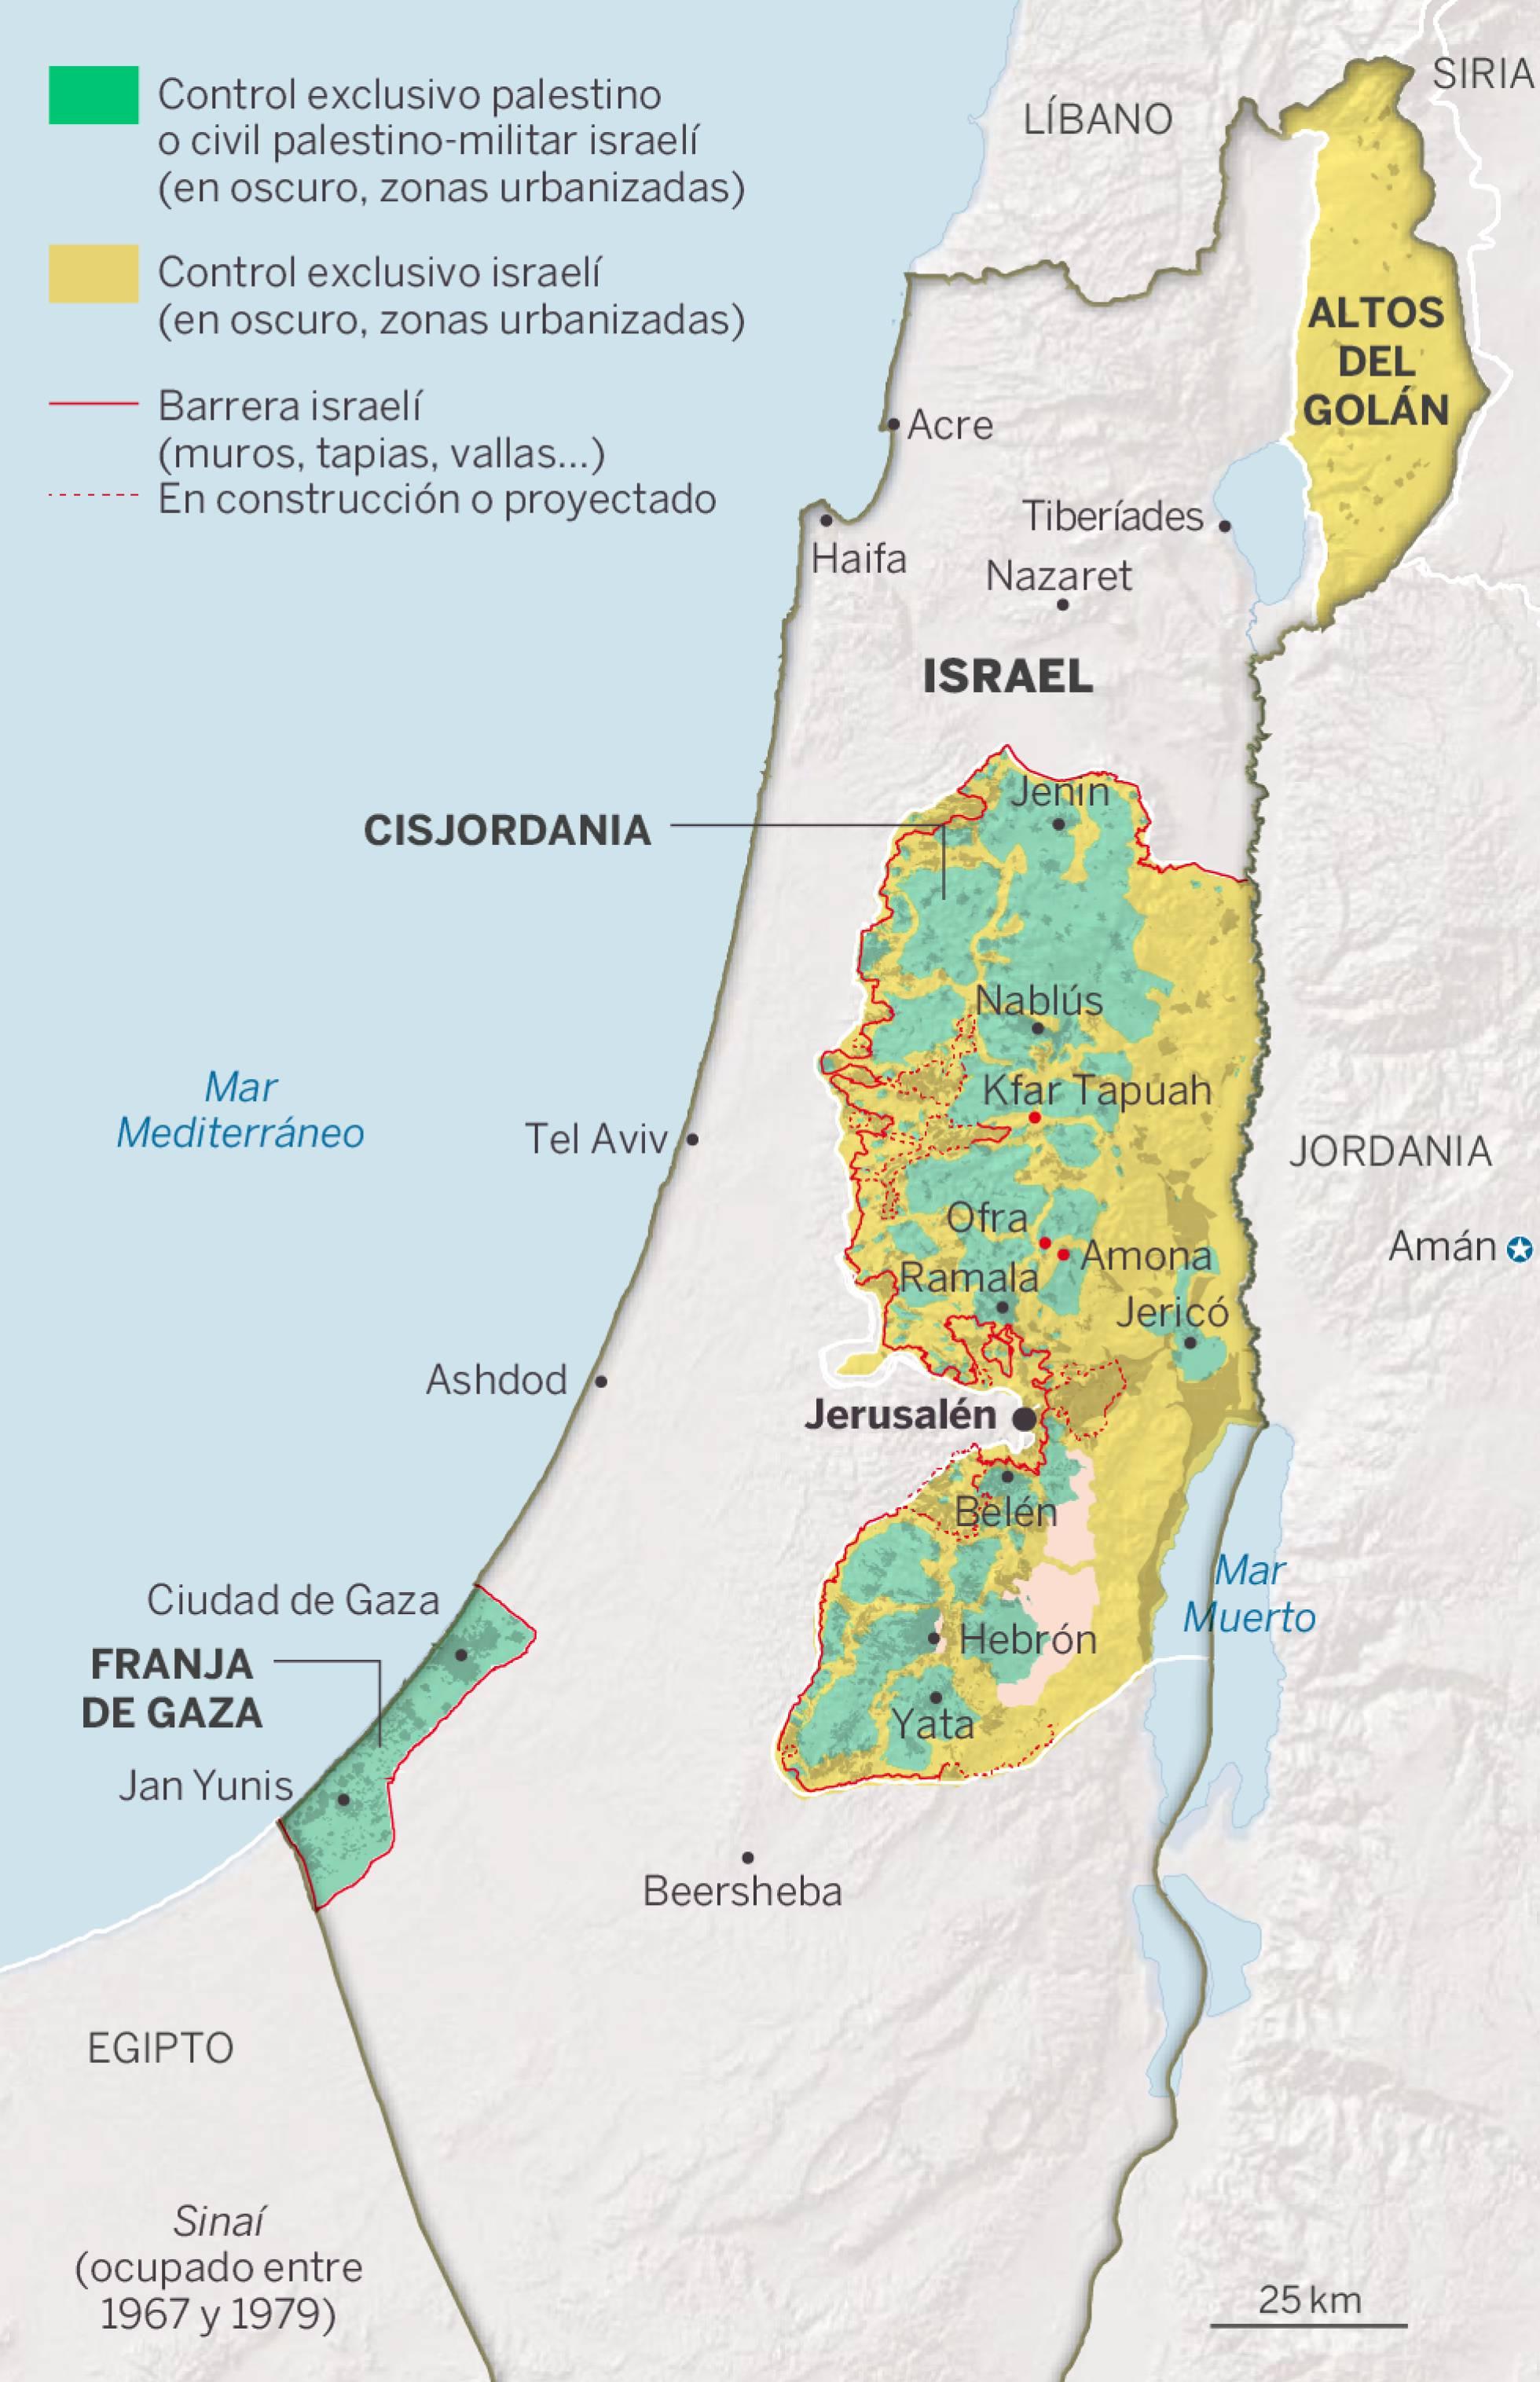 Palestina: Violencia ejercida por Israel en la ocupación. Respuestas y acciones militares palestinas. - Página 15 1496319085_594064_1496661230_sumario_normal_recorte1